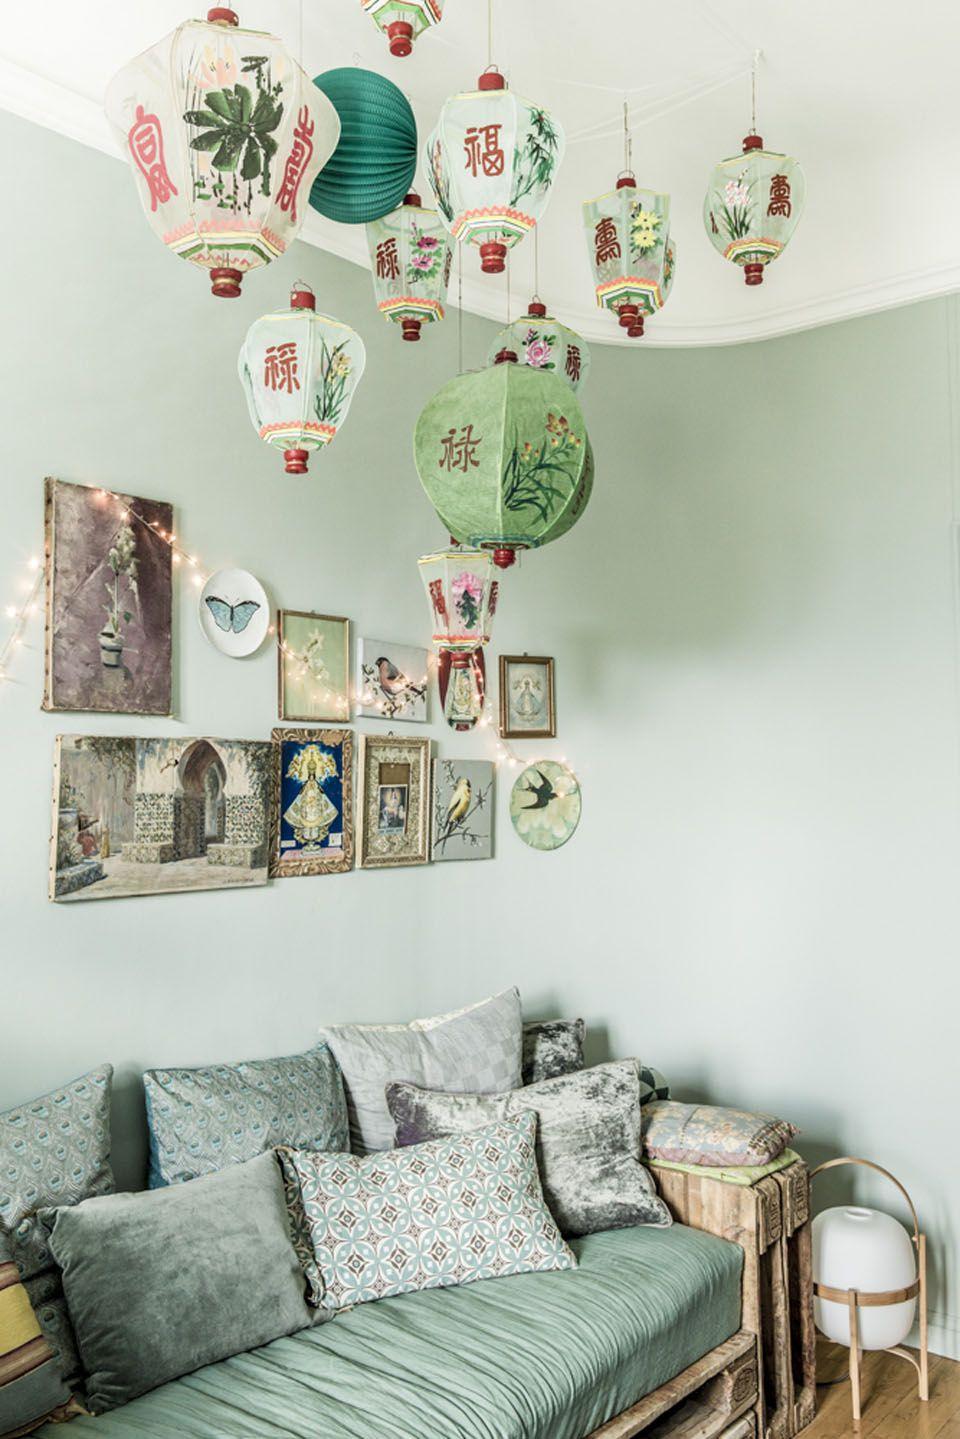 Wohnzimmer In Grün Mit Asiatischen Elementen #einrichtungsideen #wohnzimmer  #livingroom #interiordesign #inneneinrichtung